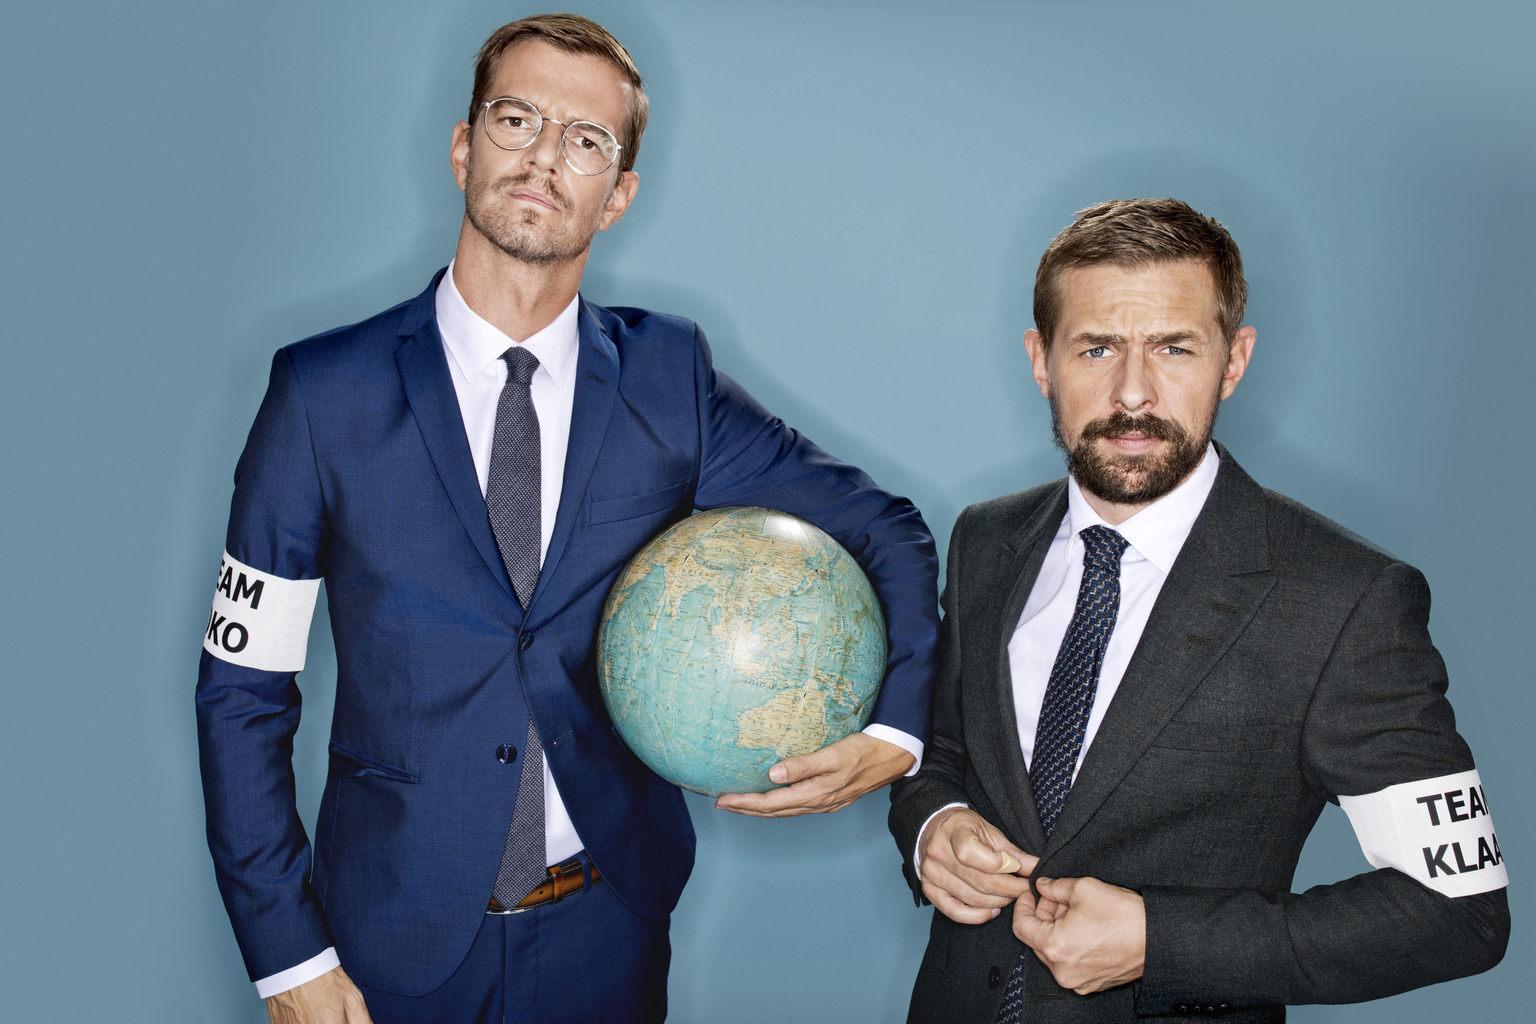 """""""Das Duell um die Welt - Team Joko gegen Team Klaas"""" heute auf ProSieben"""